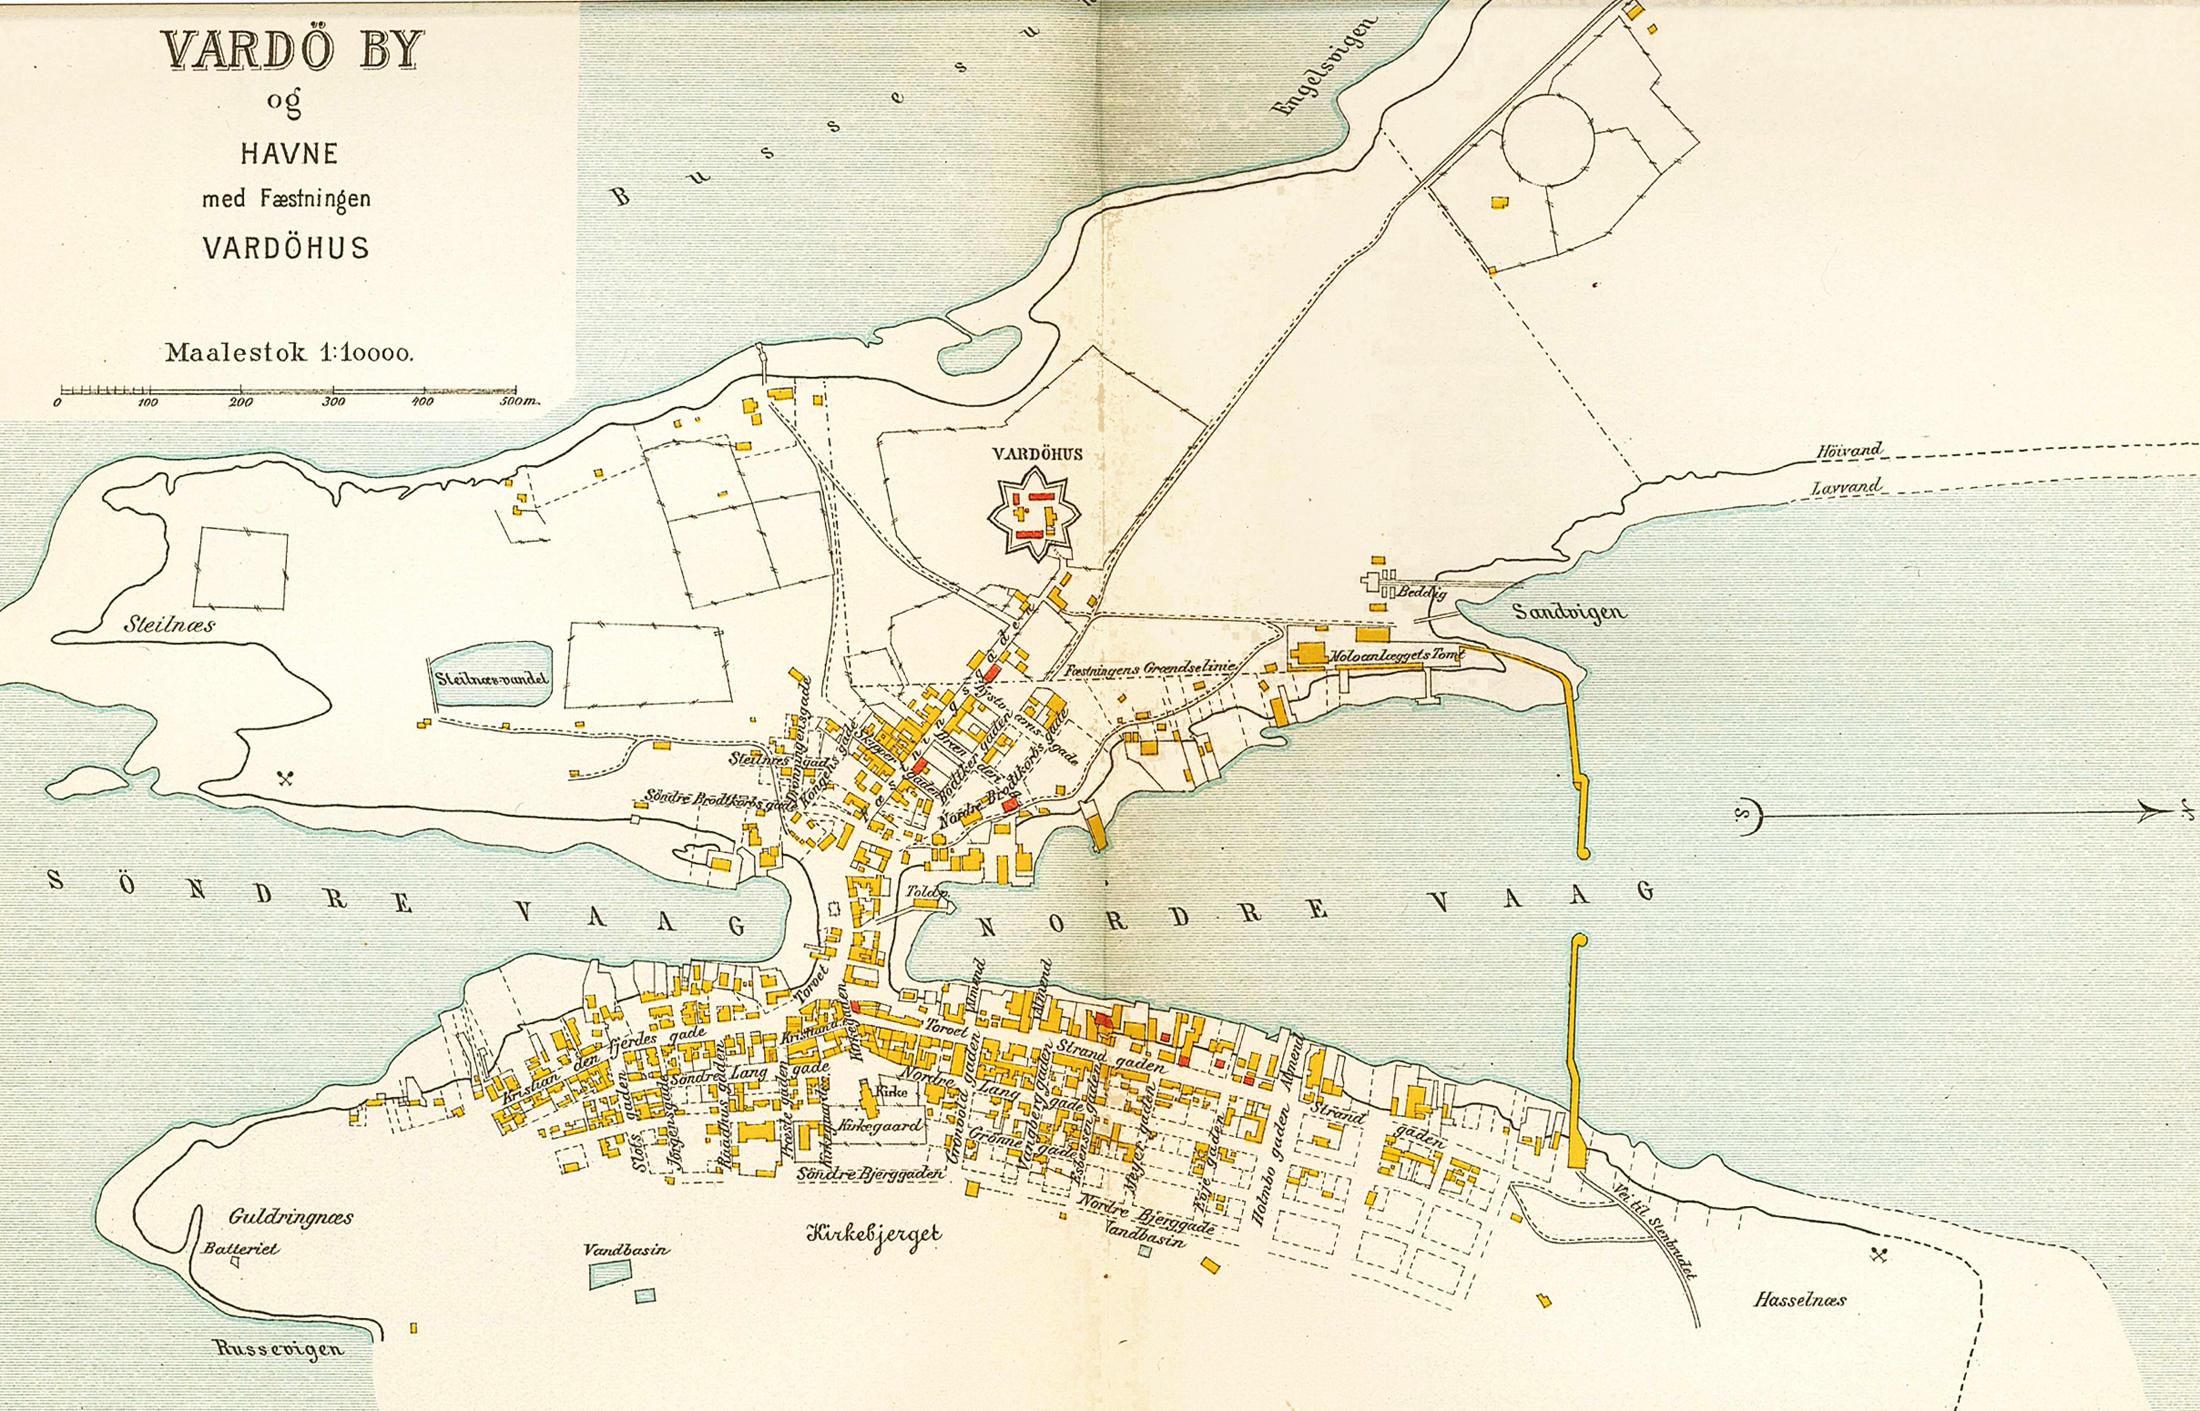 kart over vardø File:Vardø map 1905.   Wikimedia Commons kart over vardø